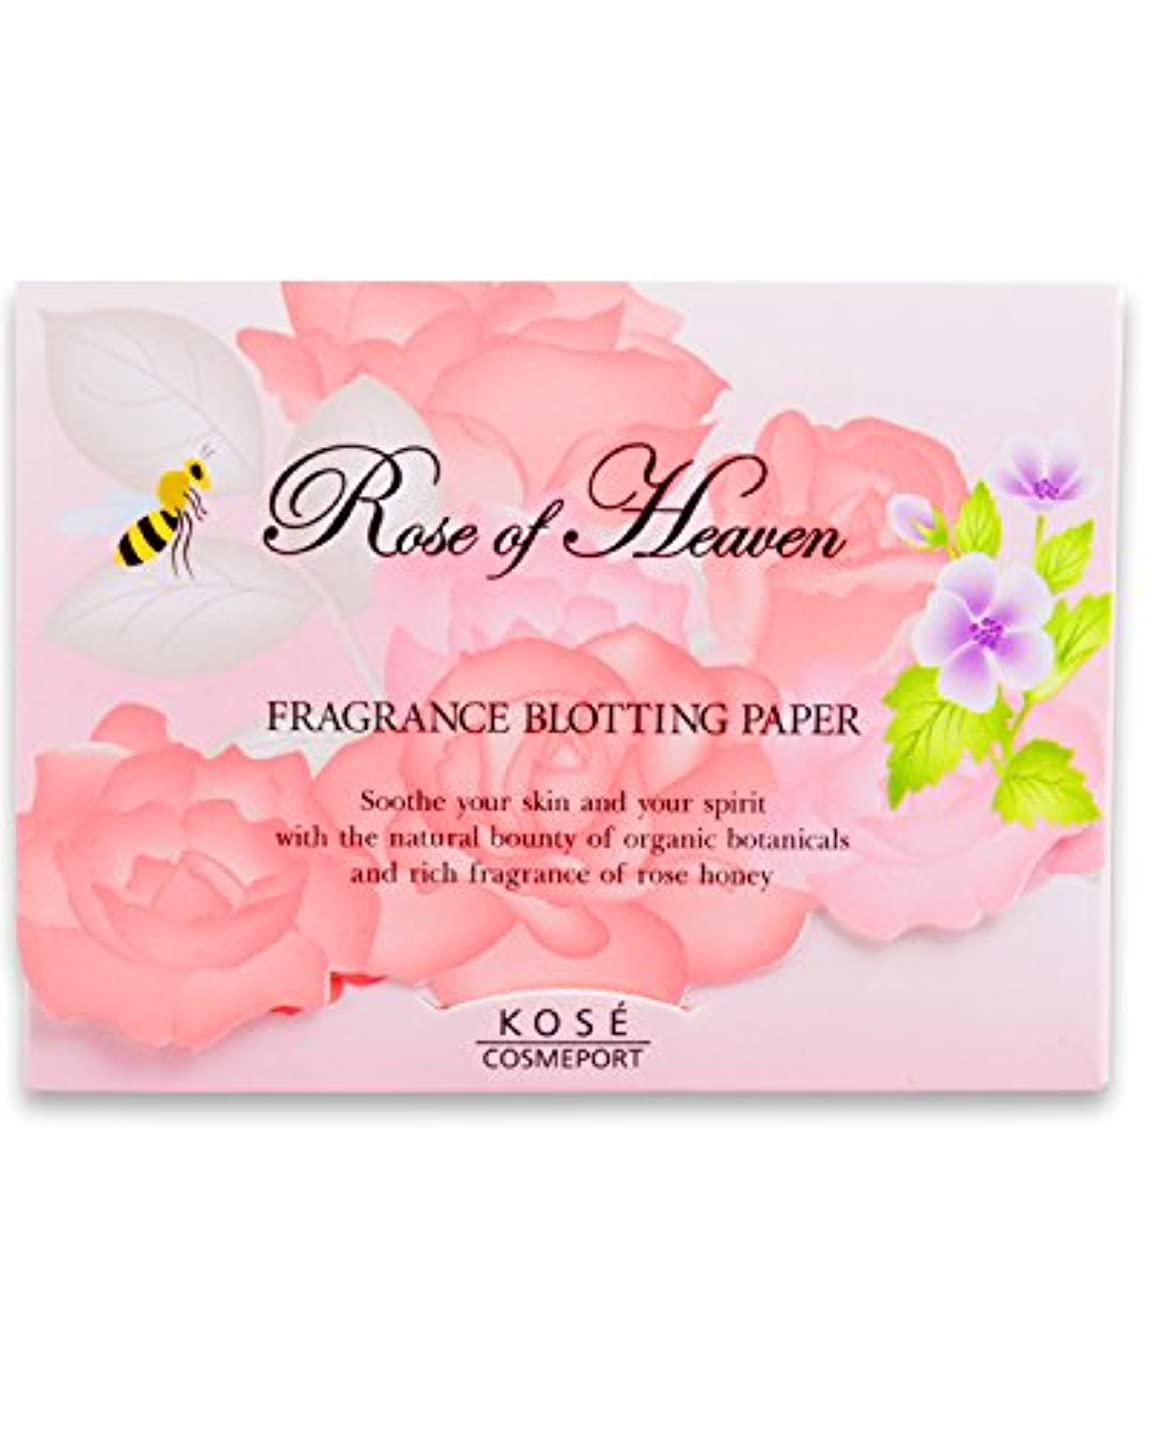 レタス充電見せますKOSE Rose of Heaven(ローズオブヘブン) フレグランス ブロッティングペーパー (あぶらとり紙) 70枚入